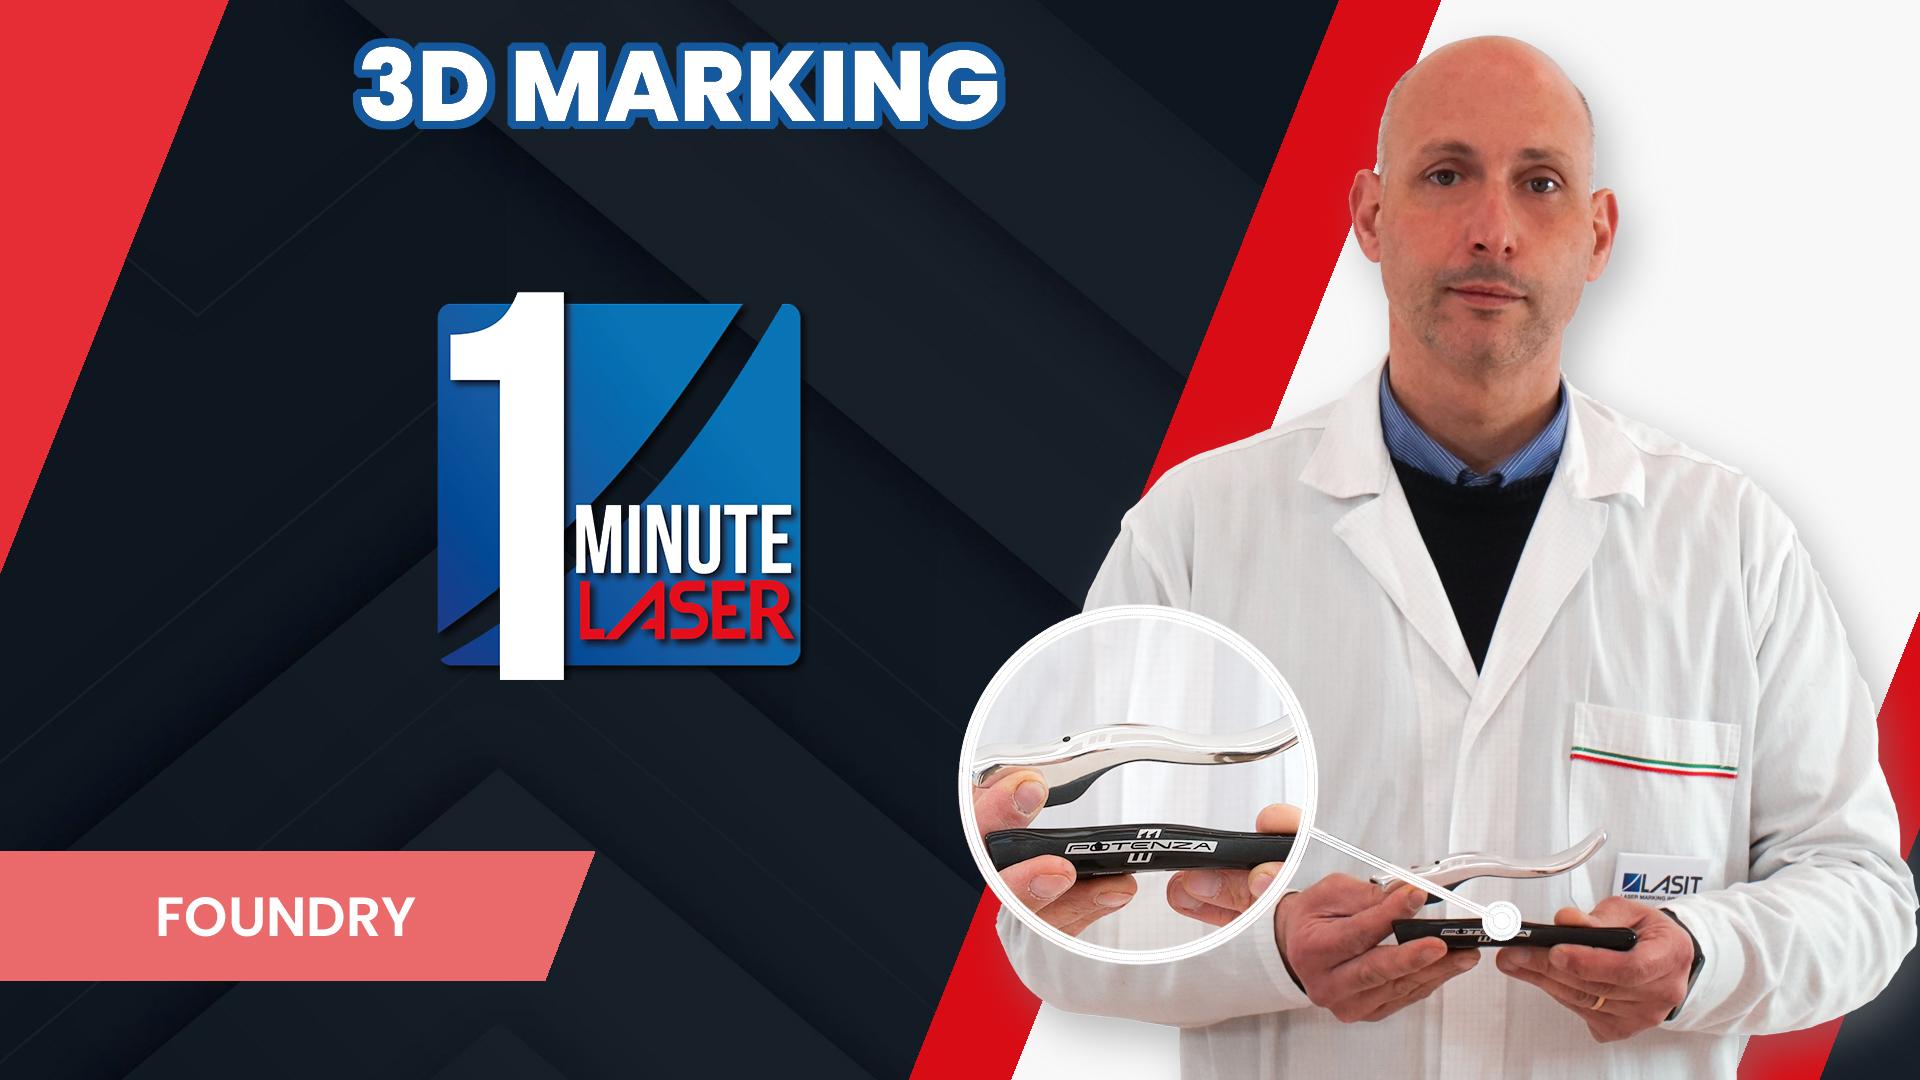 One-Minute-Laser-5-3D_Marking_COPERTINA Fonderia